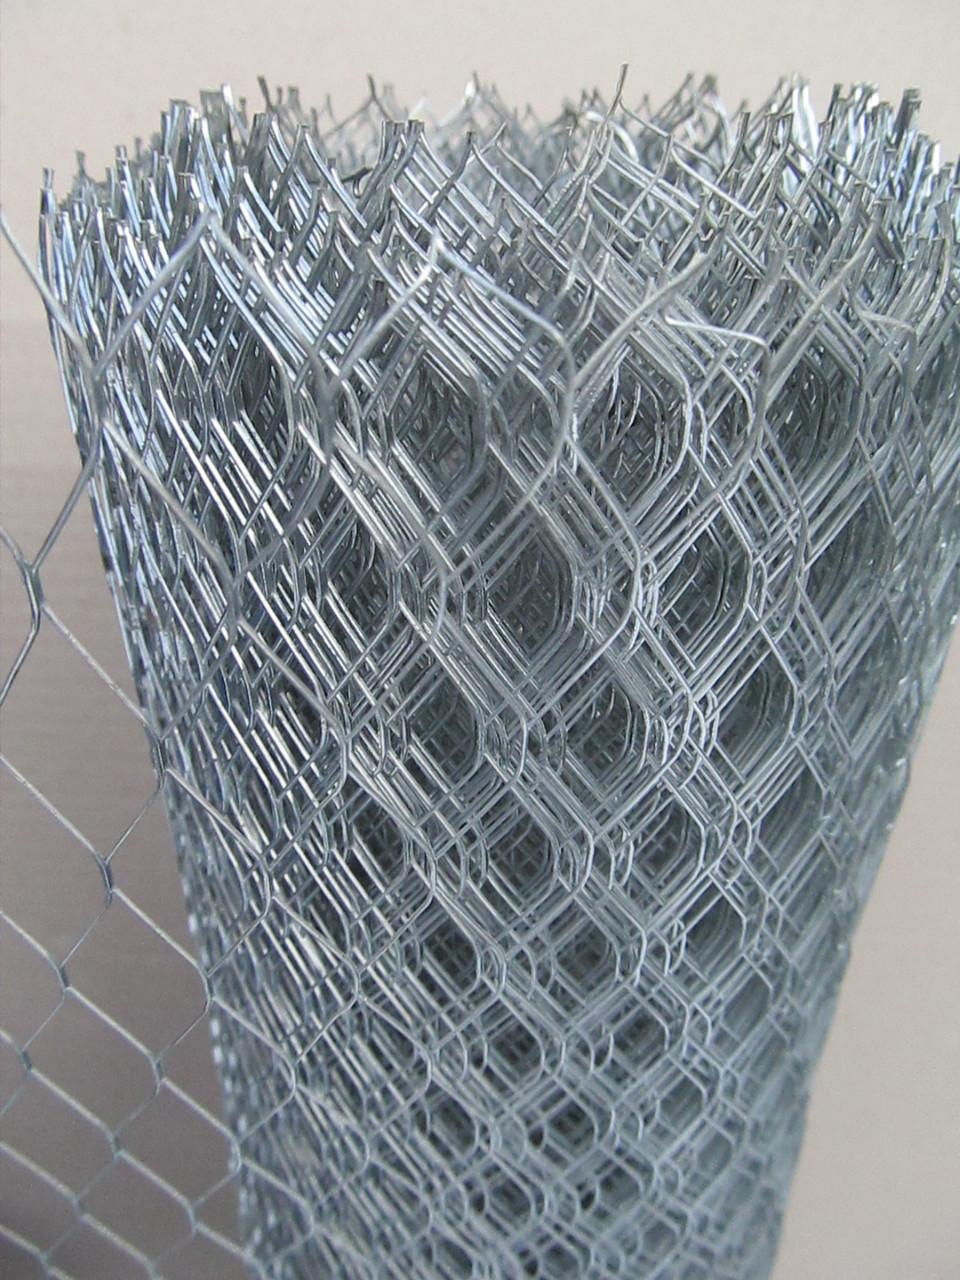 Сетка штукатурная просечно вытяжная оцинк. Ячейка:15х30мм, Толщина листа: 0,5мм, Ширина рулона: 1м.